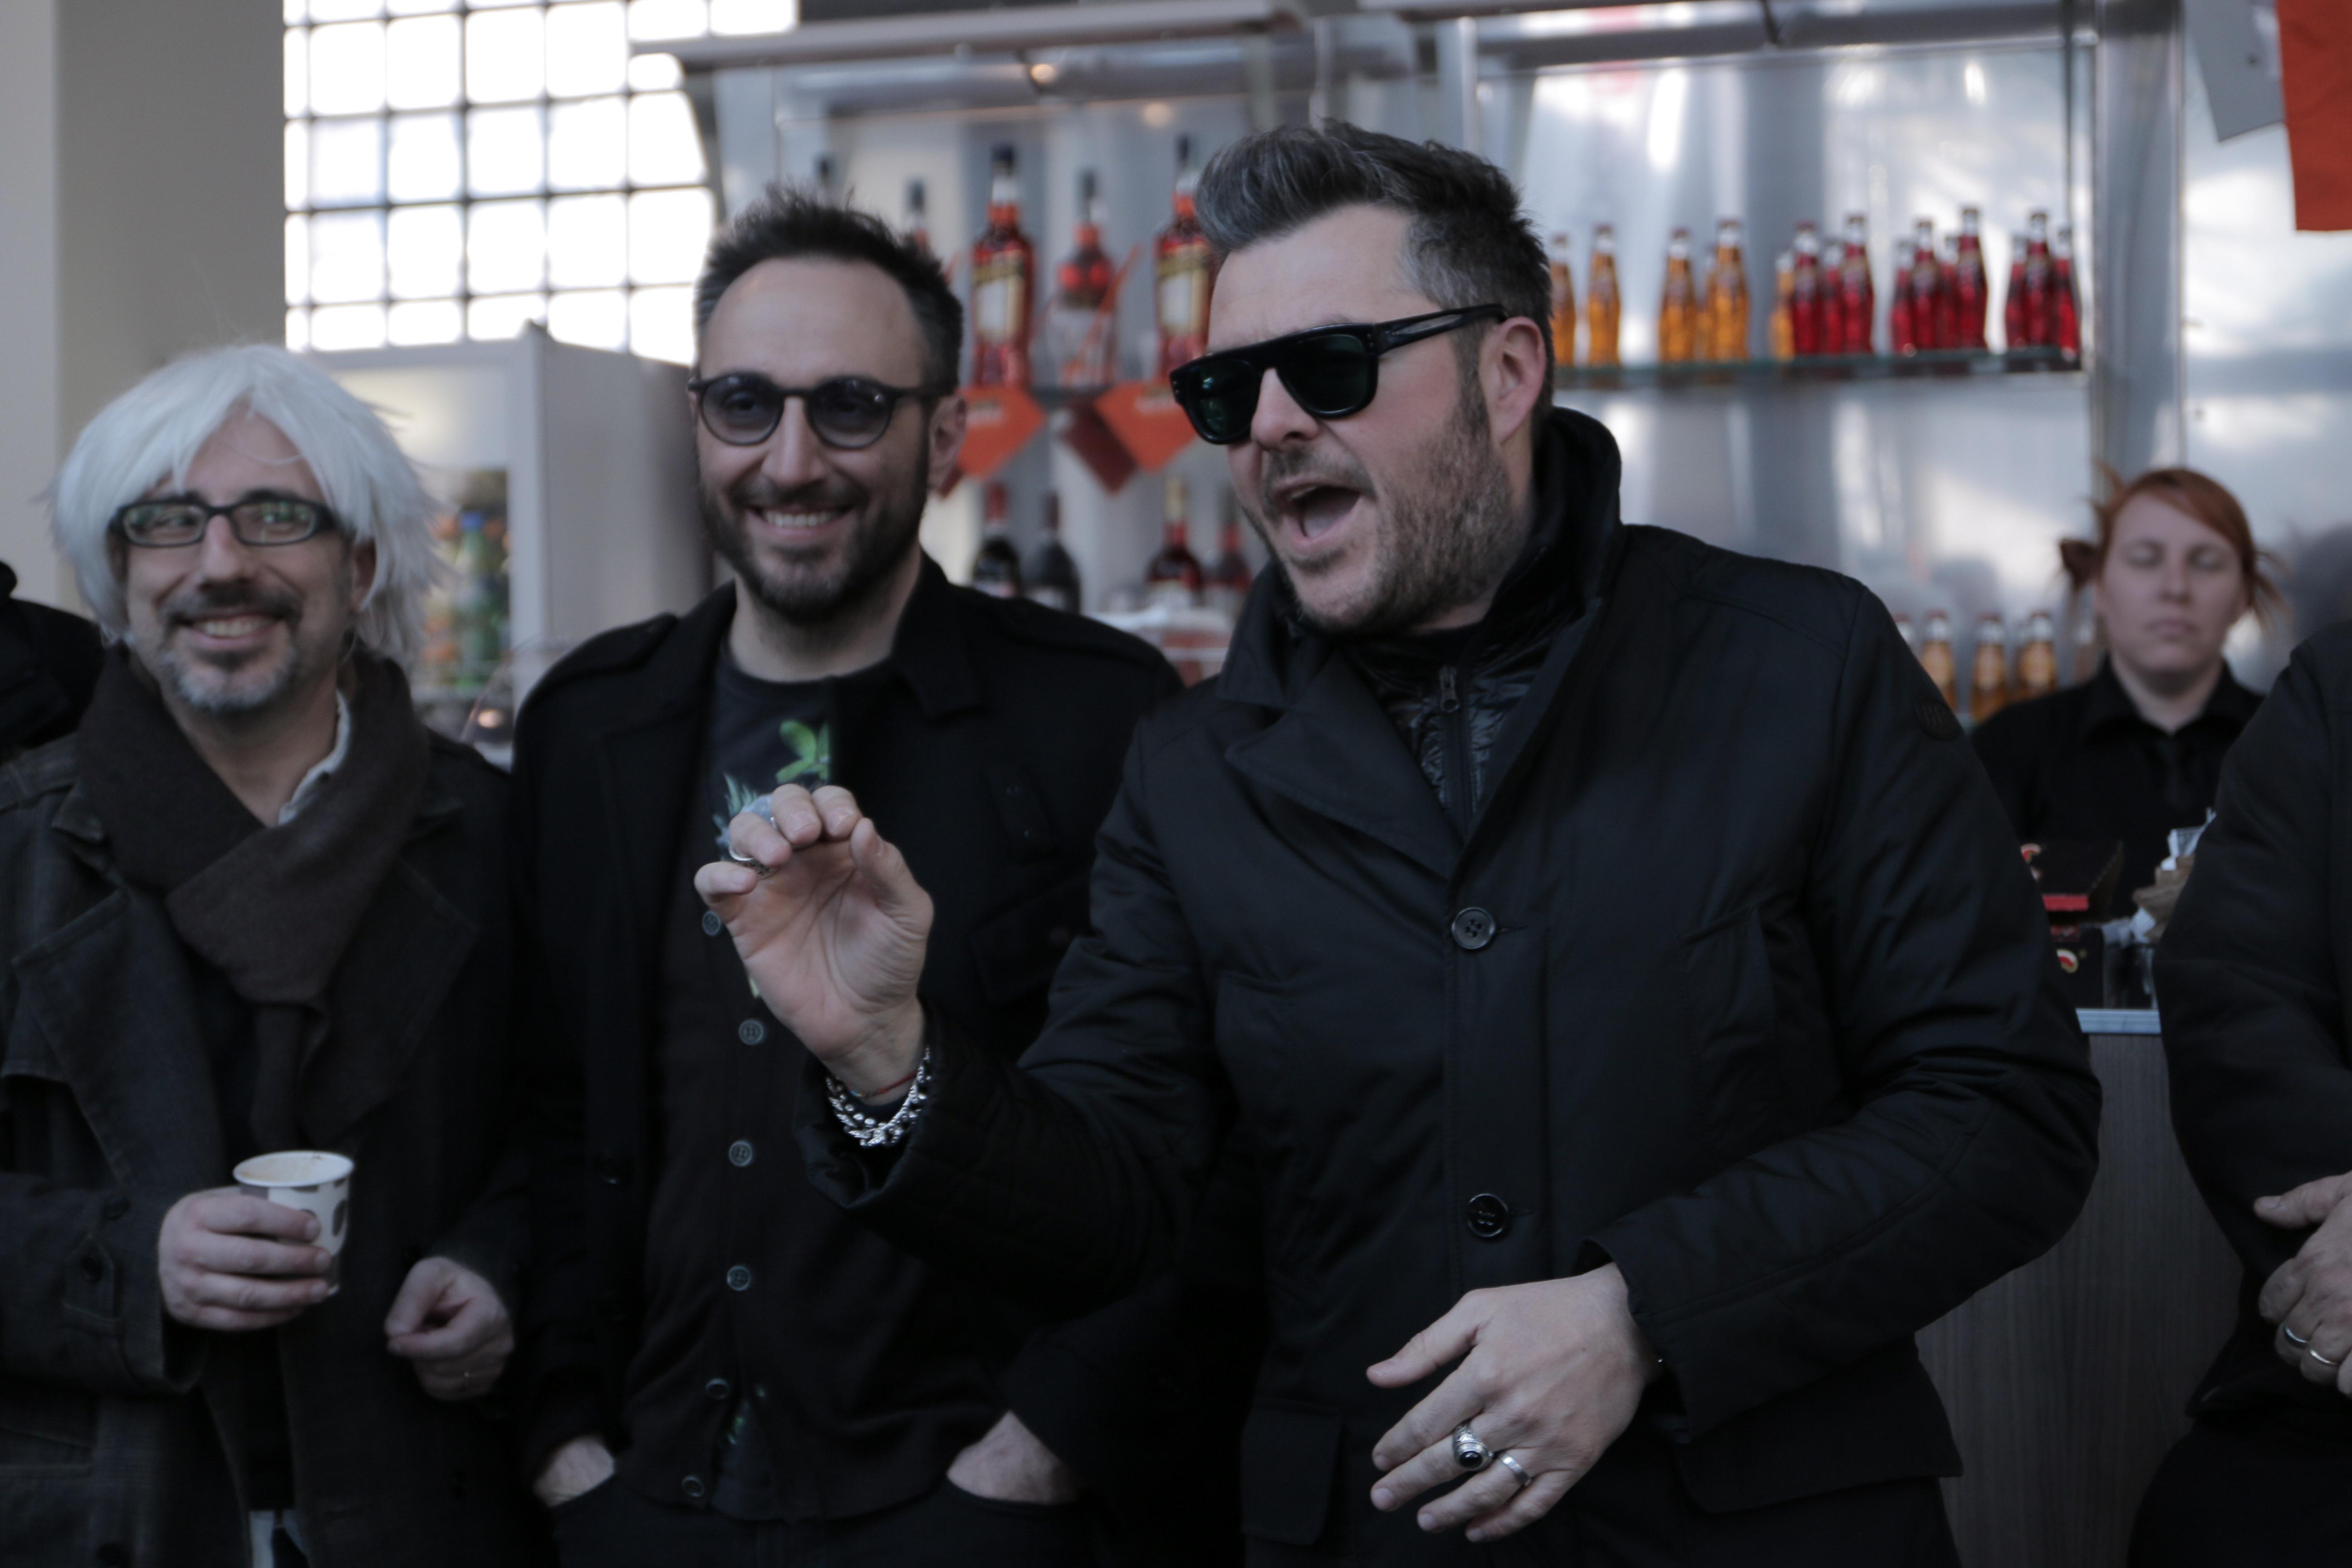 Annunci eros palermo video giovani gay italiani